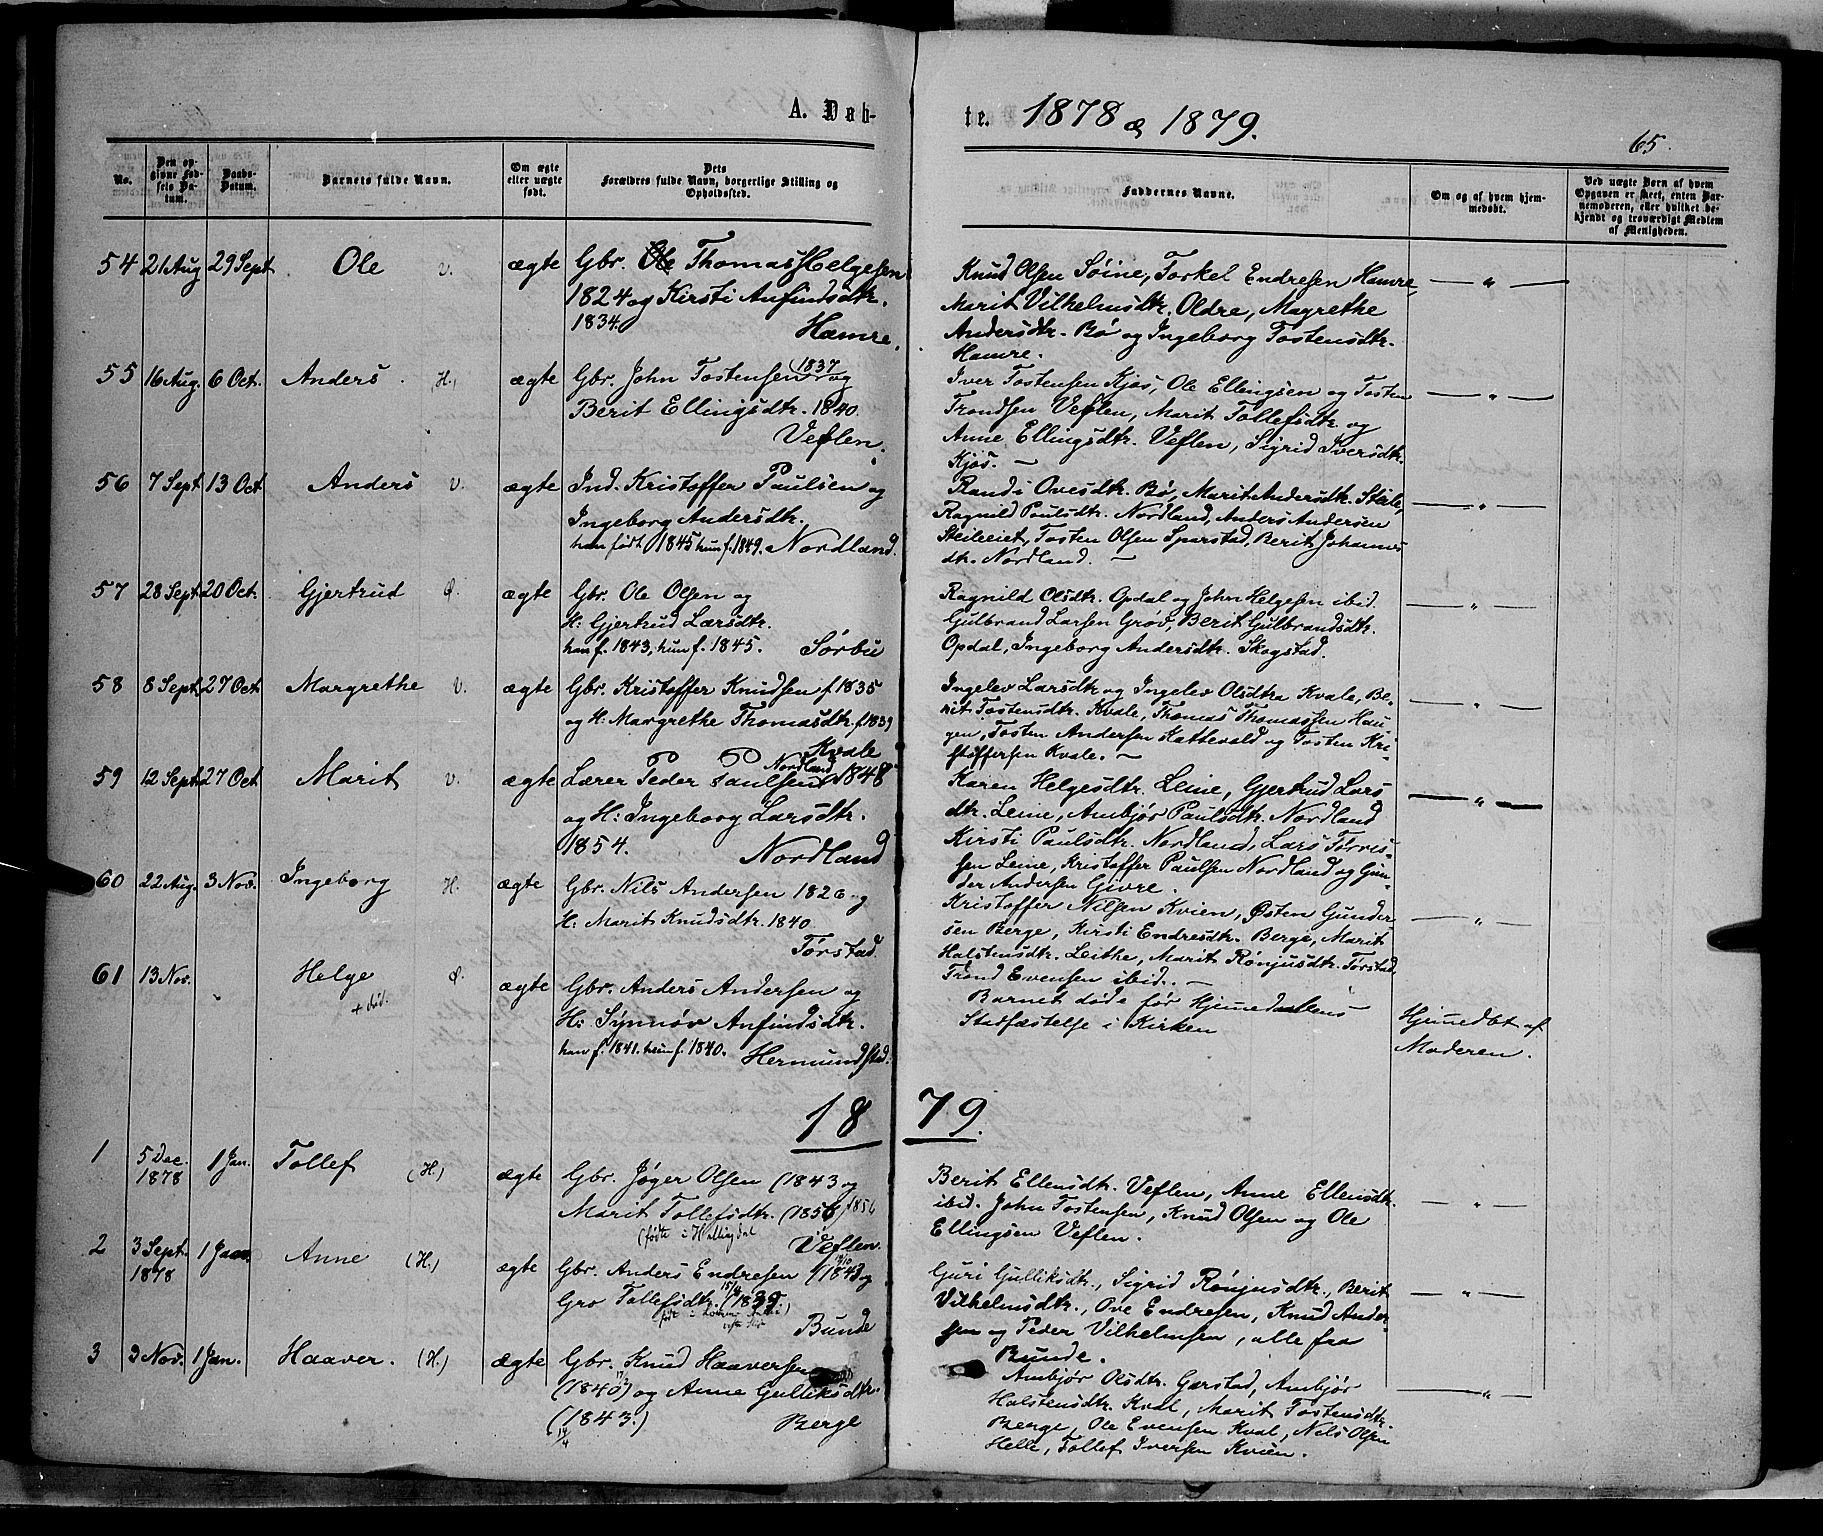 SAH, Vang prestekontor, Valdres, Ministerialbok nr. 7, 1865-1881, s. 65